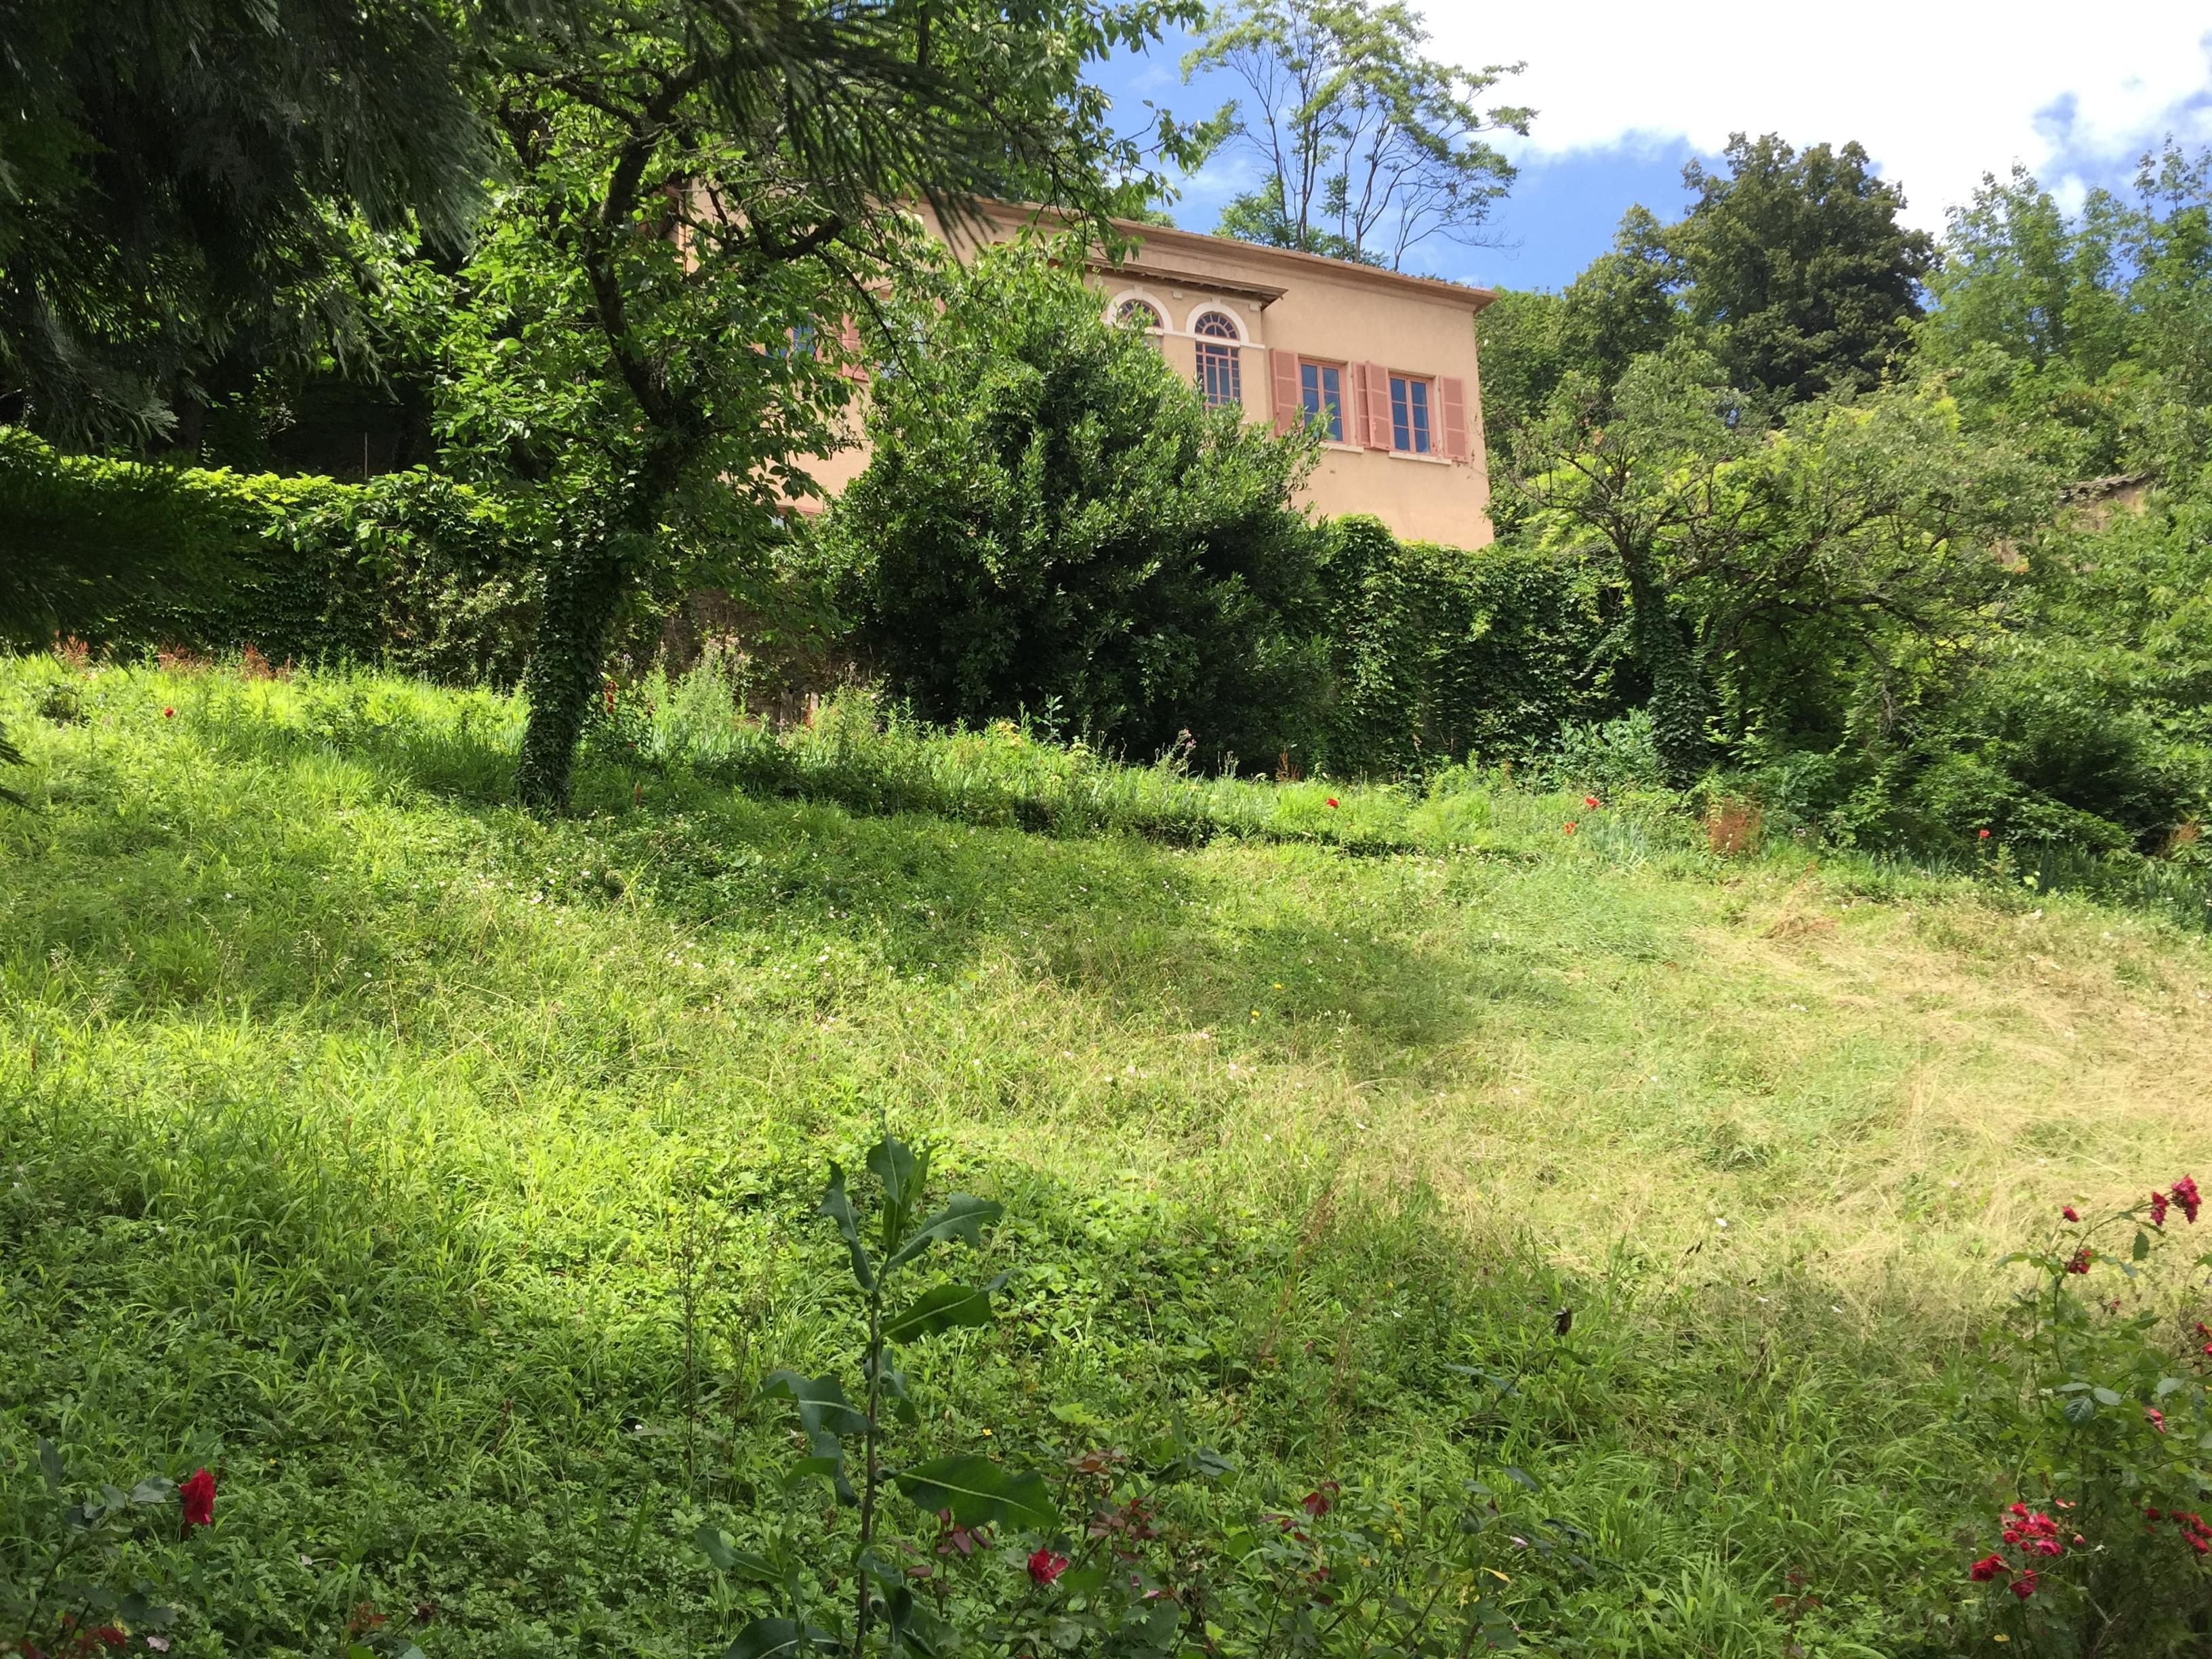 appartement pinel ancien r habilit lyon 9 vaise c t jardin. Black Bedroom Furniture Sets. Home Design Ideas